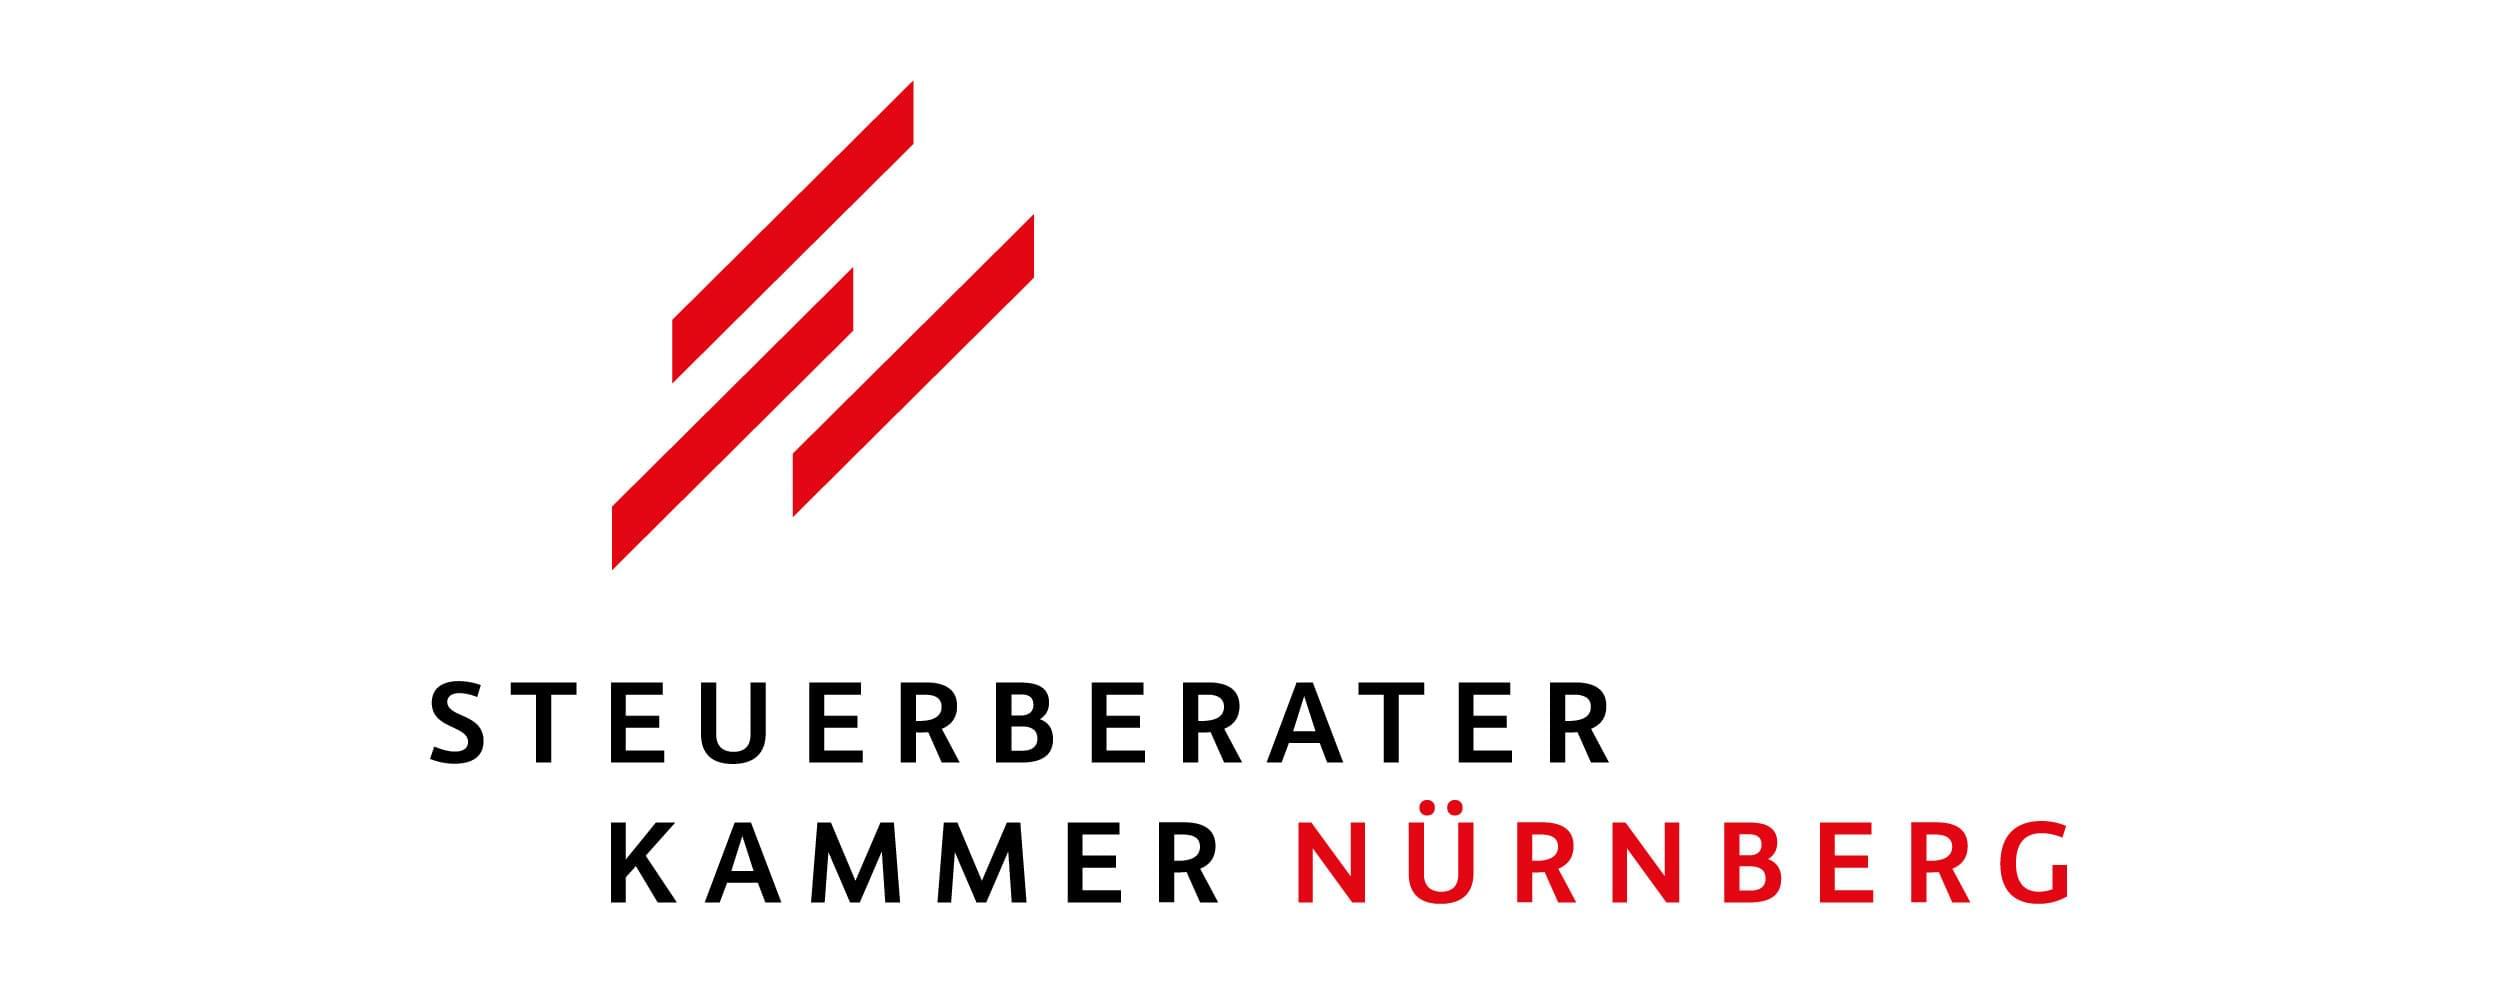 Steuerberaterkammer Nürnberg